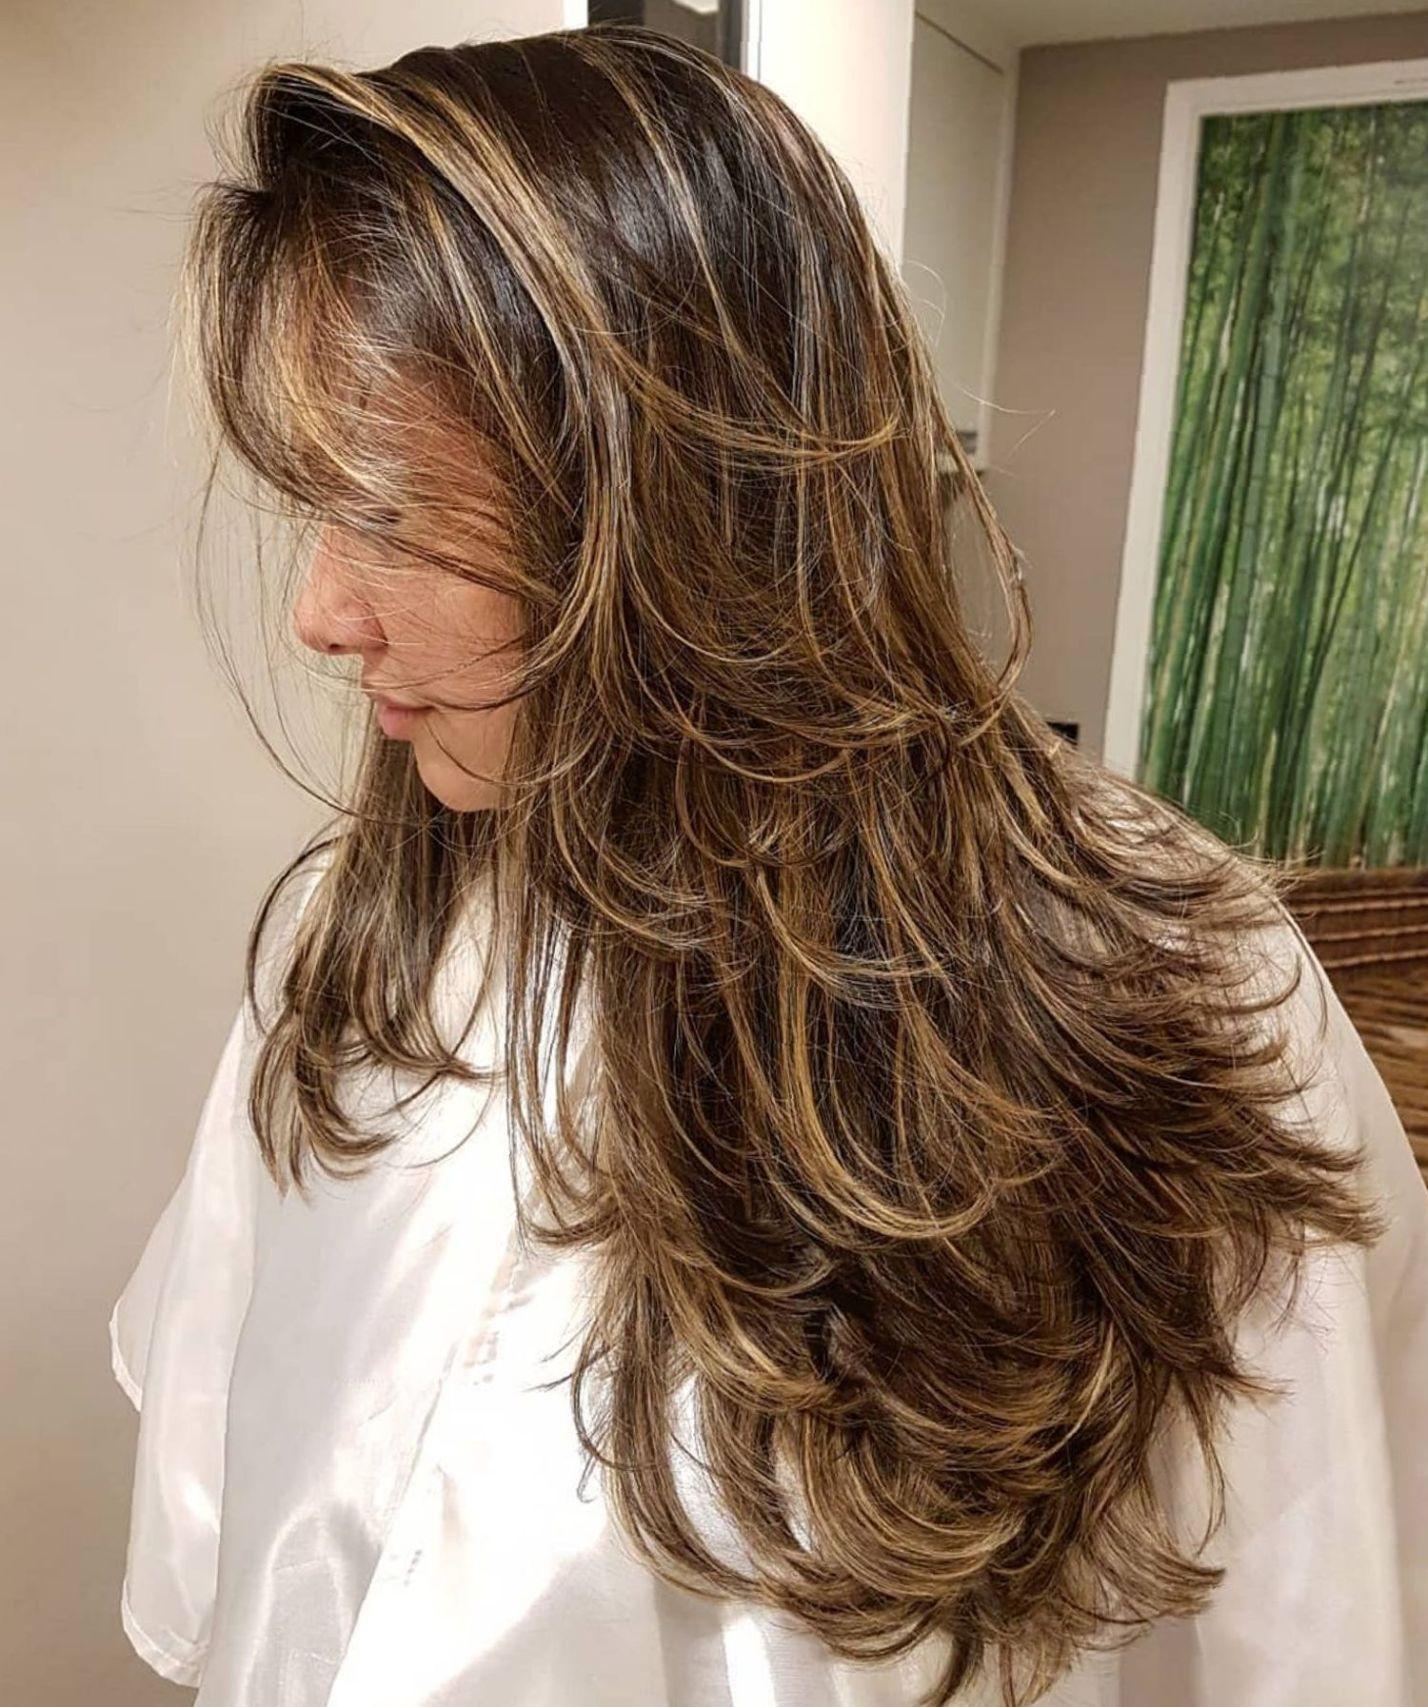 32++ Cute haircuts for long thin hair trends